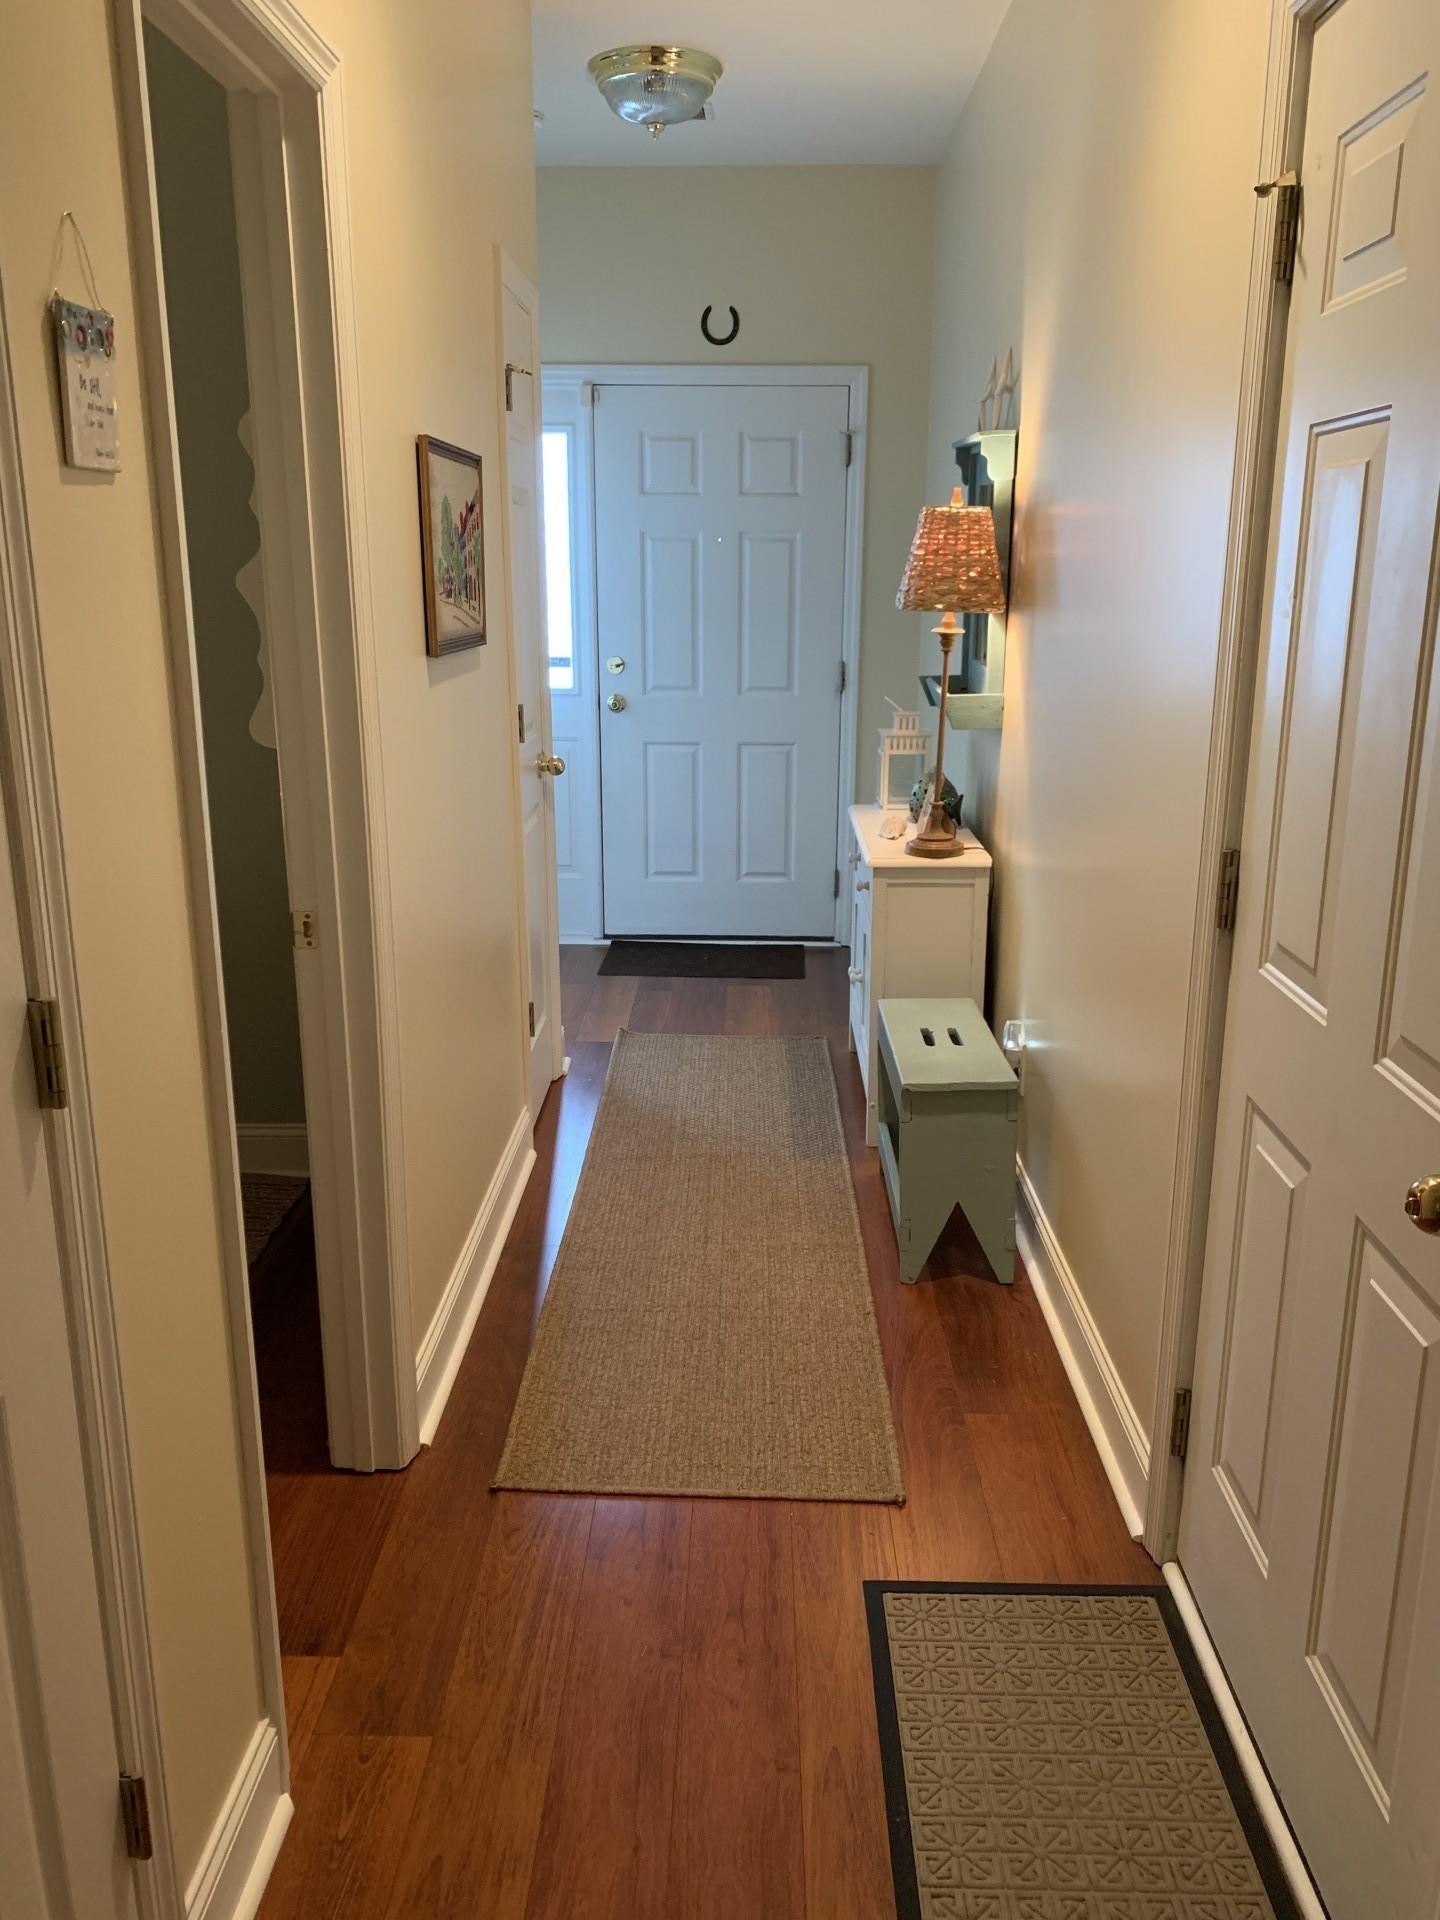 Park West Homes For Sale - 2455 Draymohr, Mount Pleasant, SC - 1